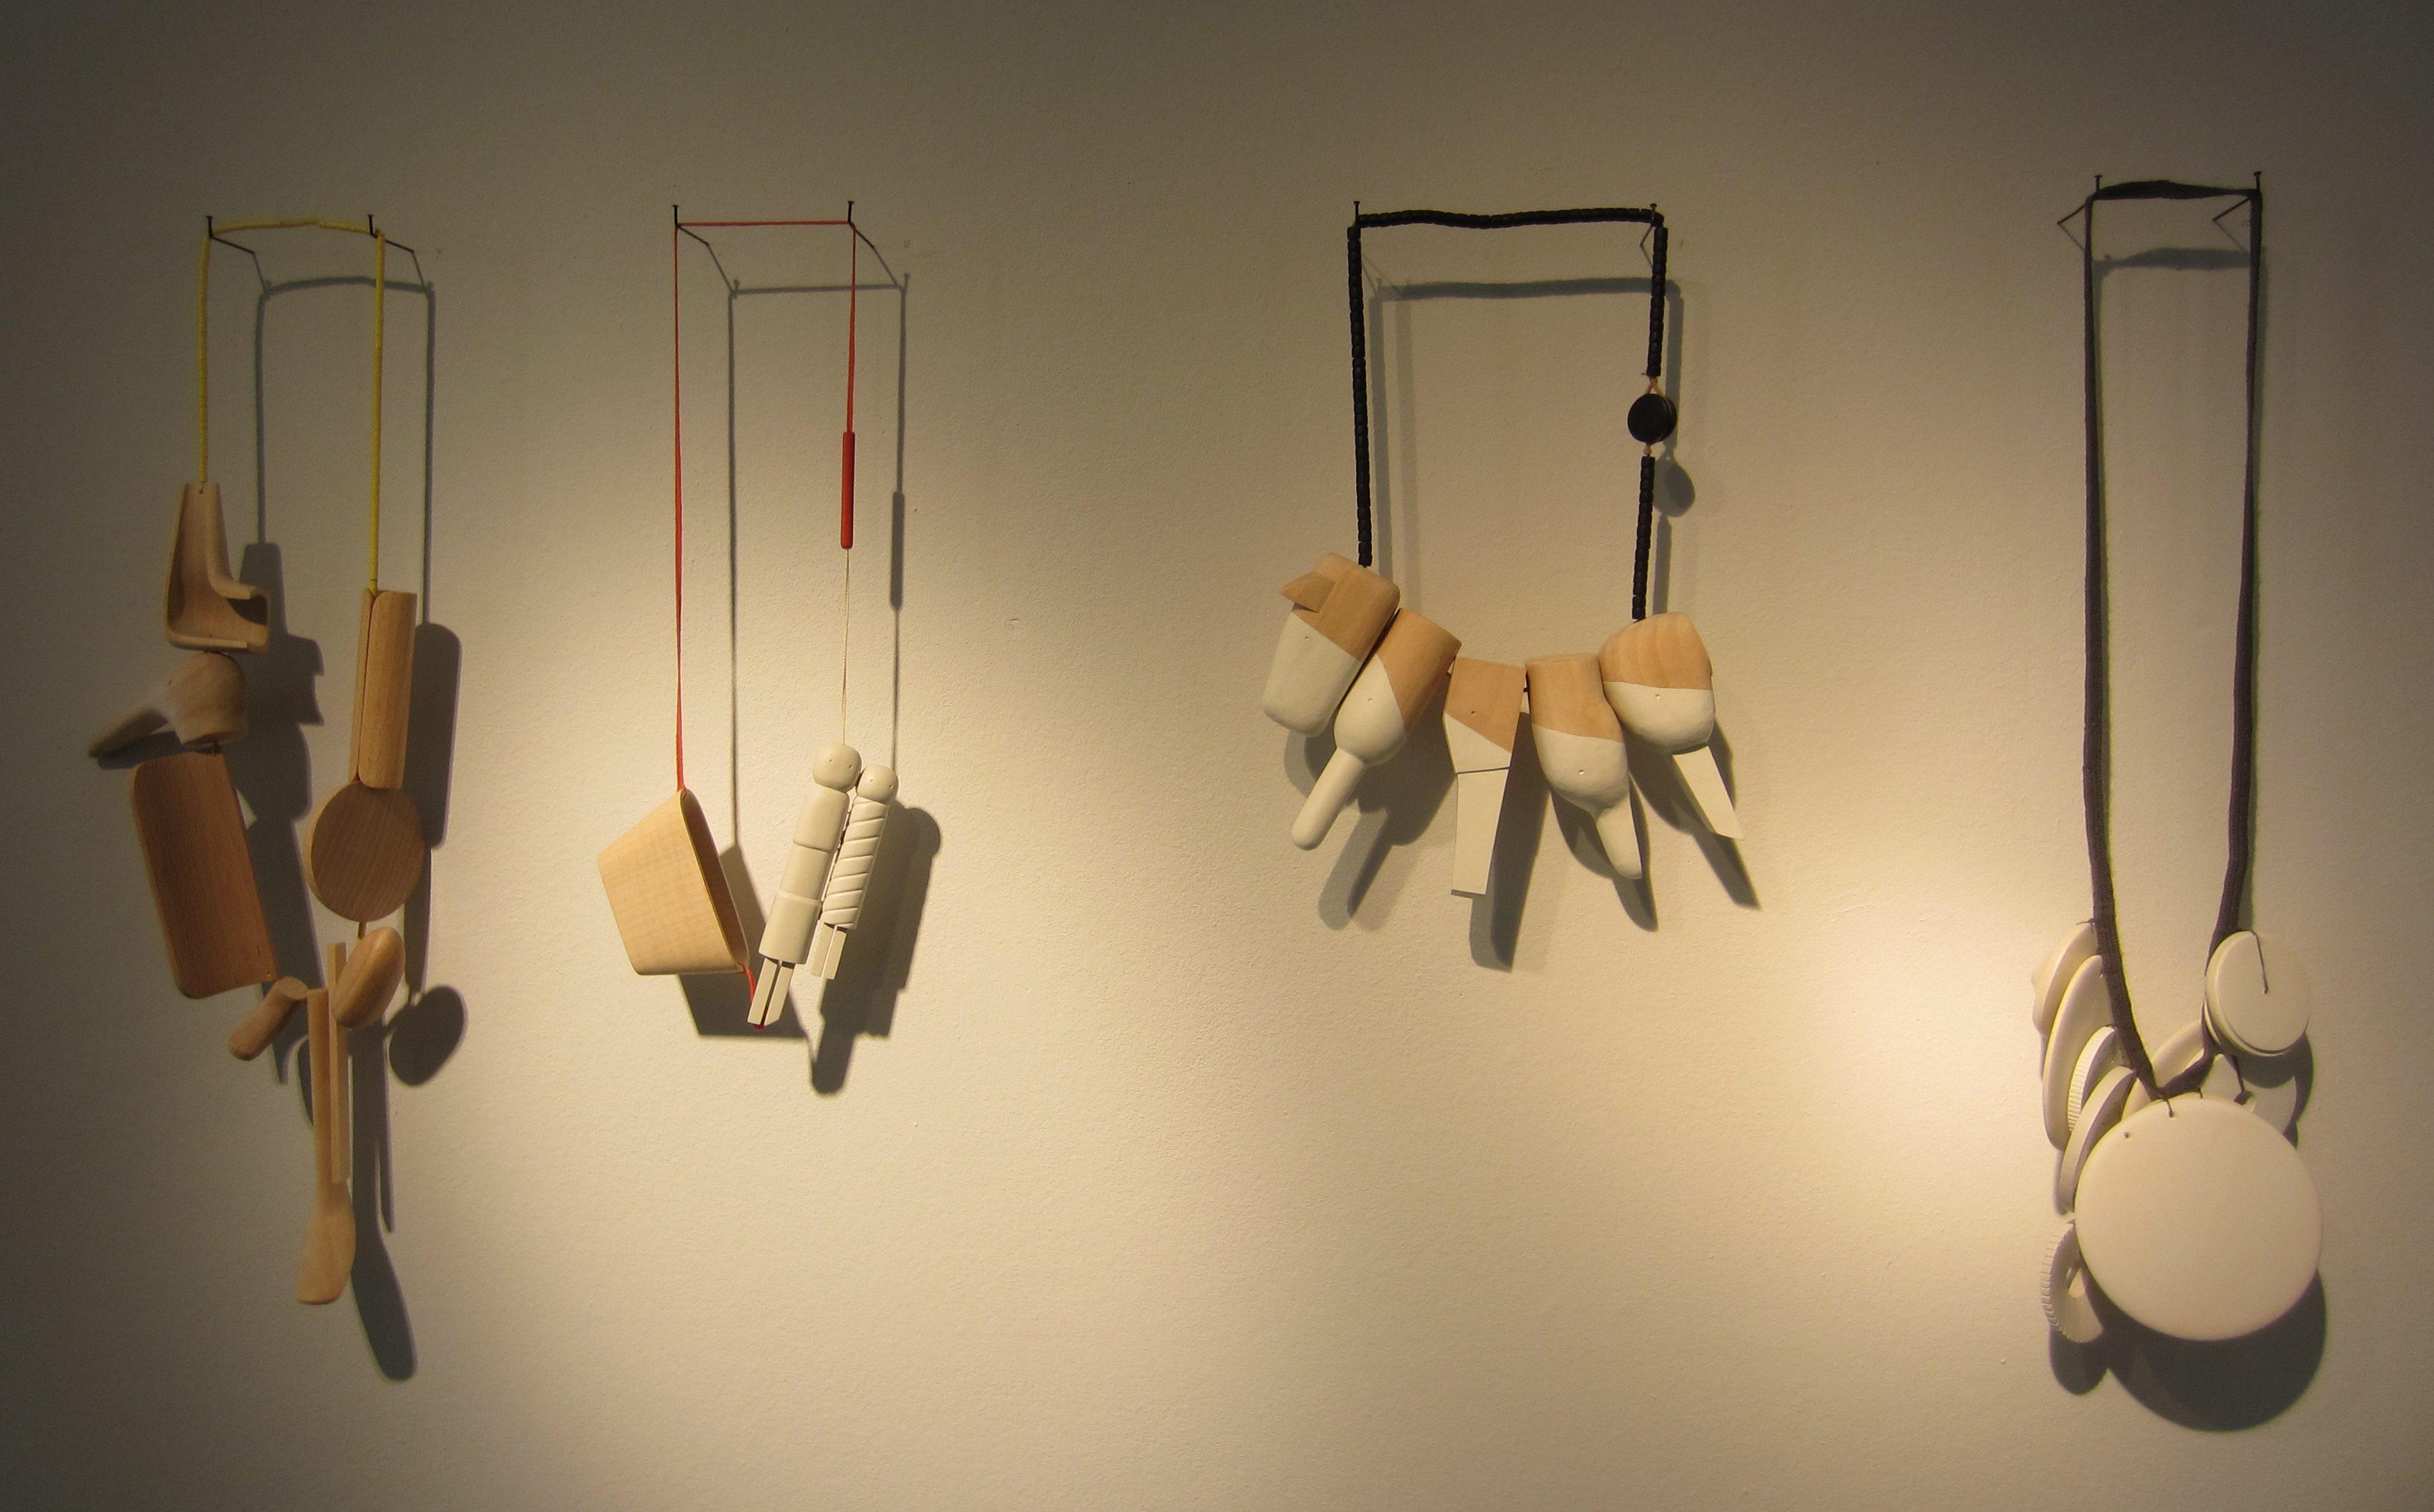 Karin Herwegh, halssieraden op Merging memories, Galerie Ra, 2016, hout, textiel, verf